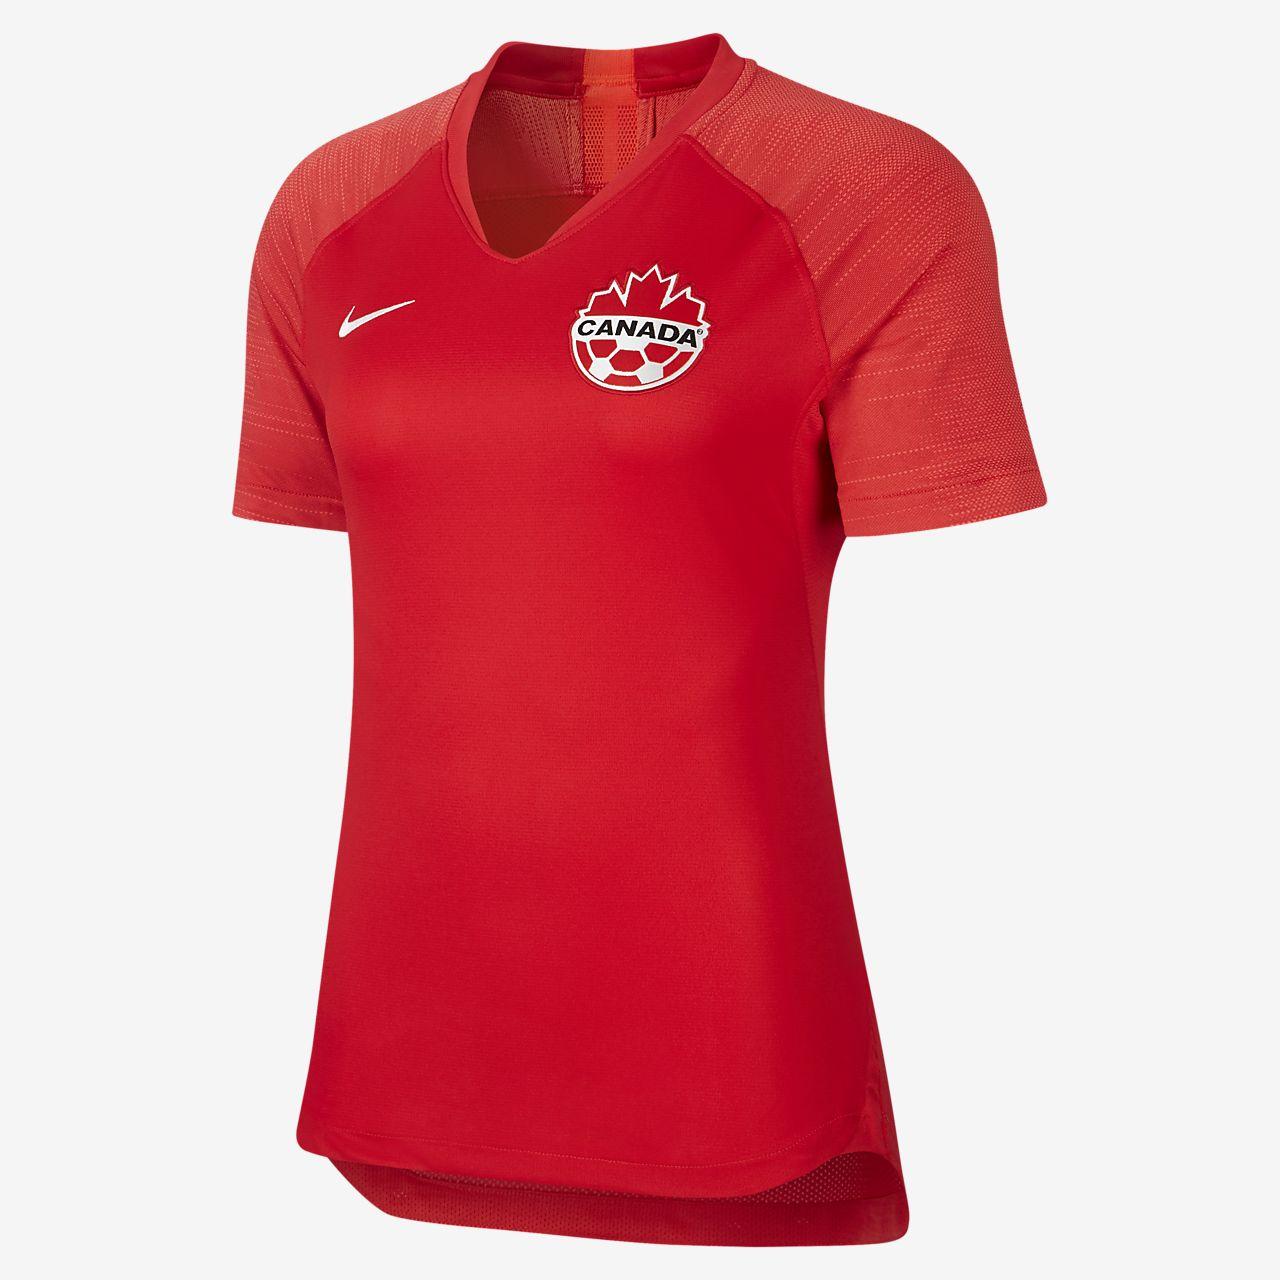 Canada 2019 Stadium Home Voetbalshirt voor dames